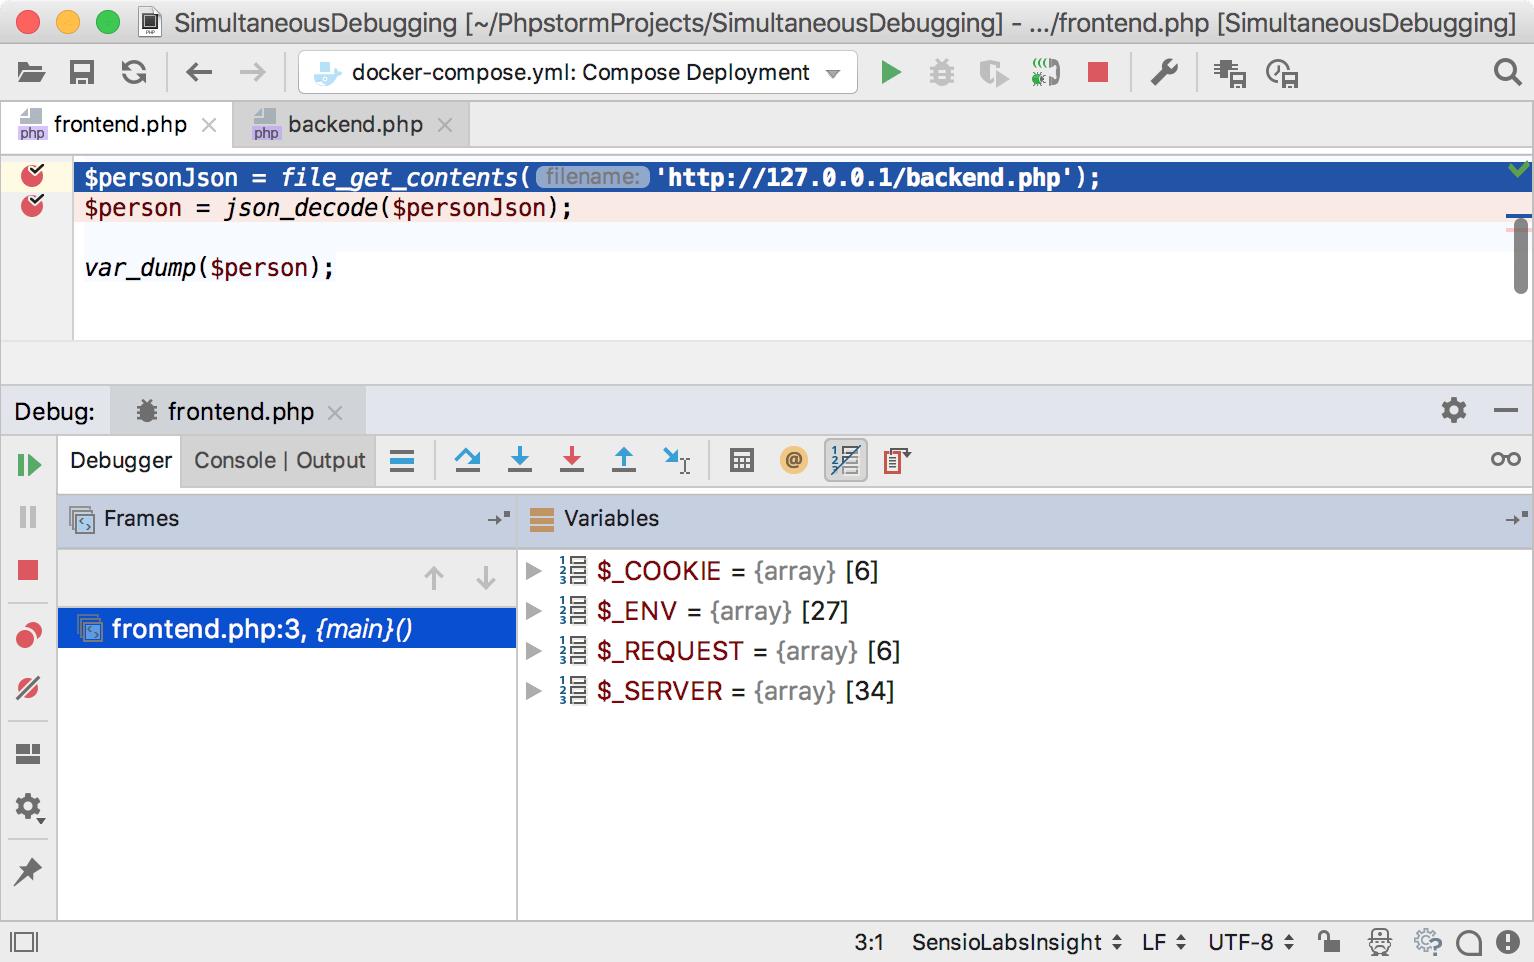 ps simultaneous debugging 1